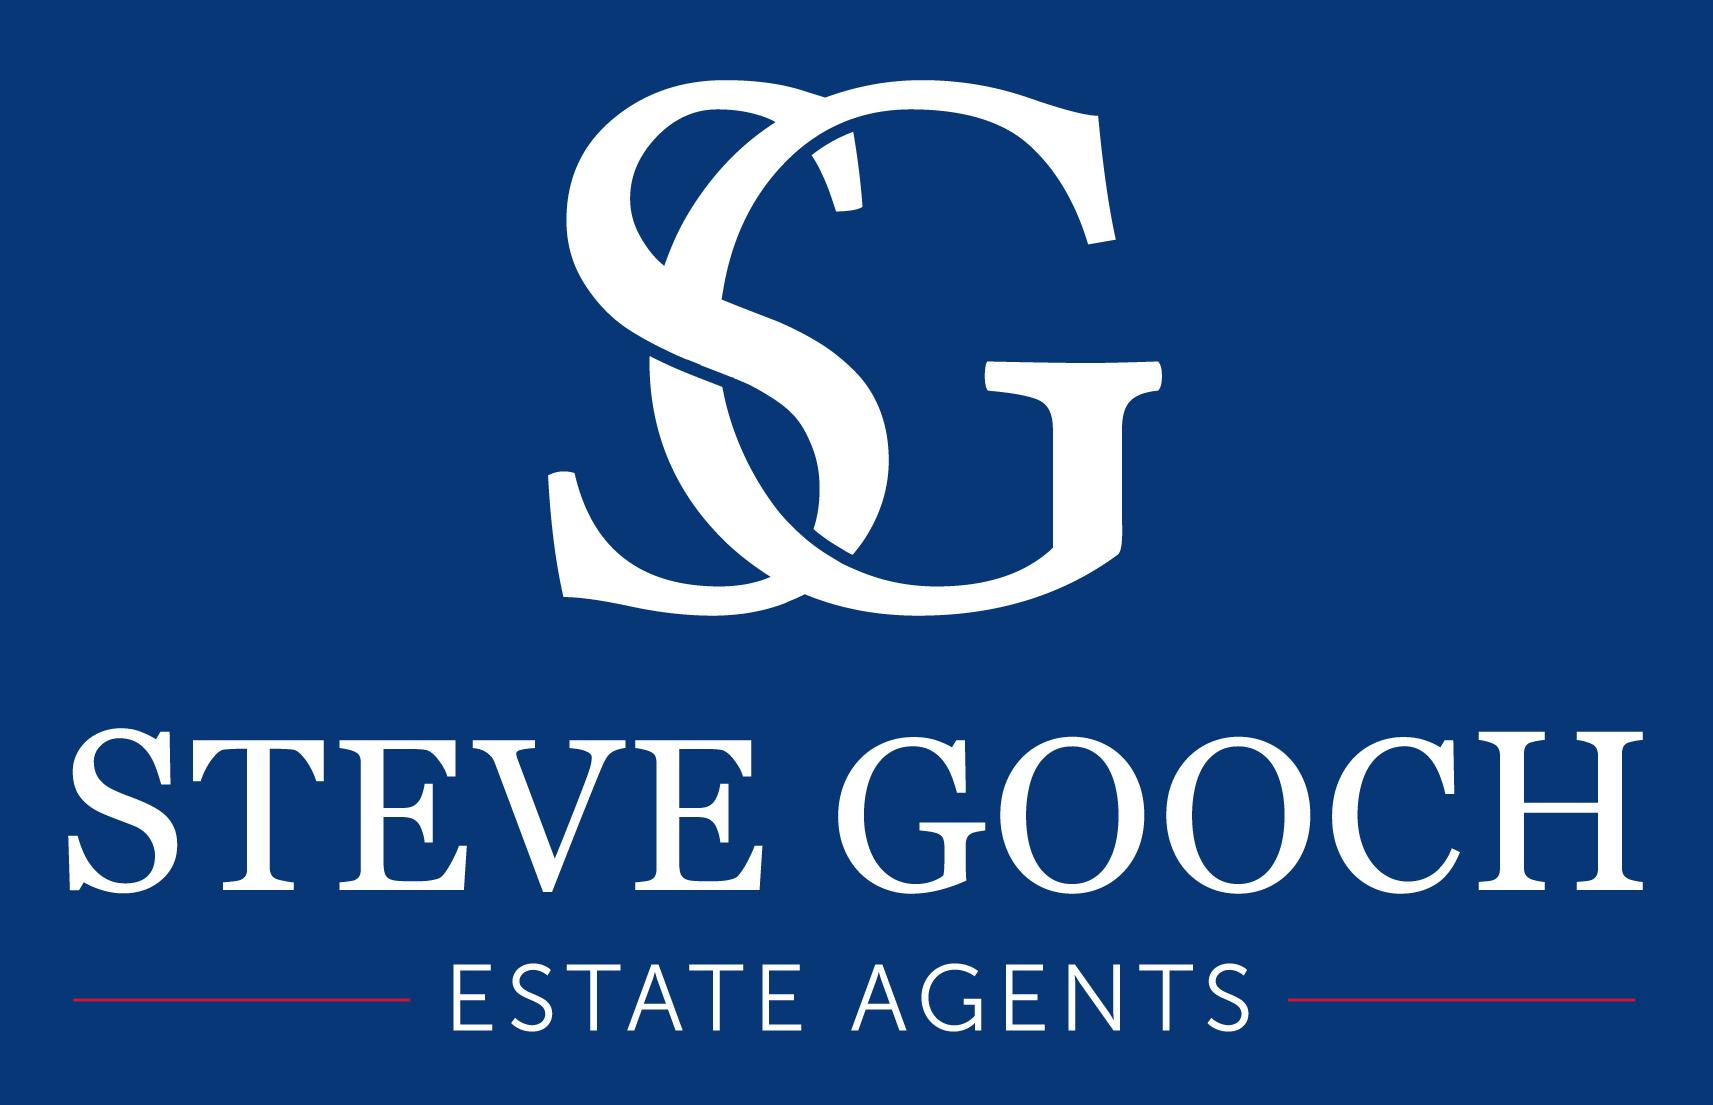 Steve Gooch Estate Agents